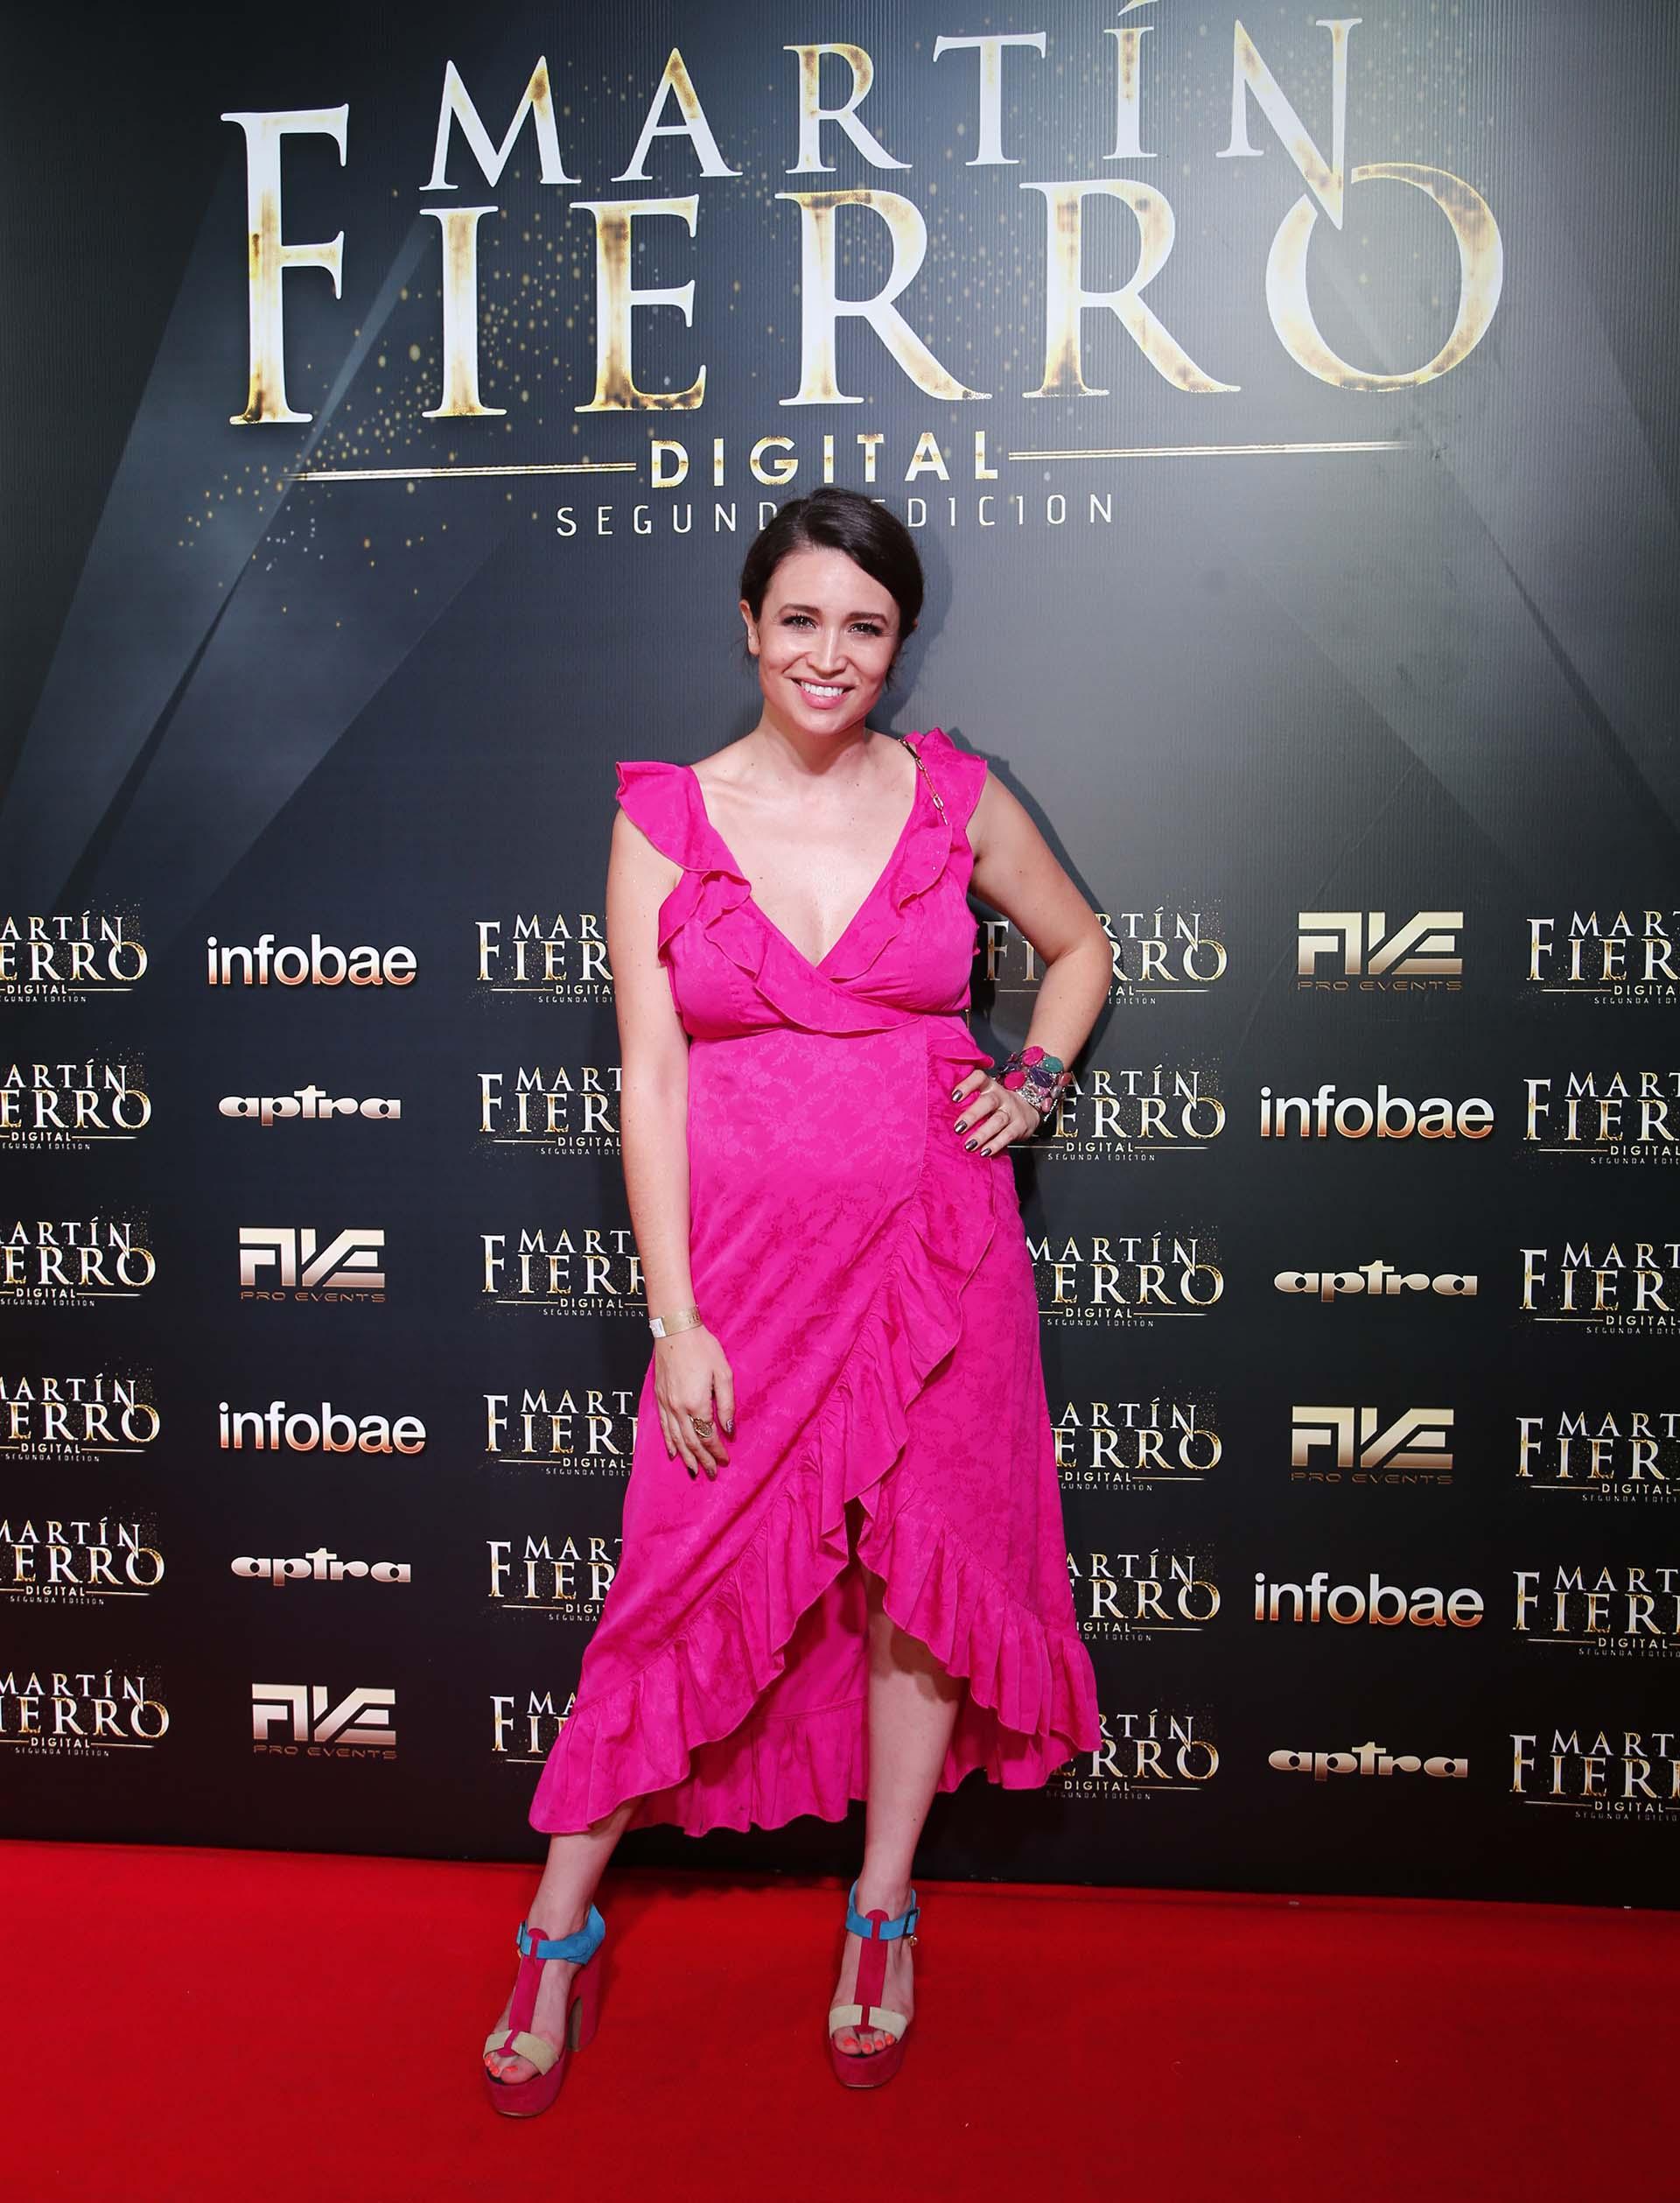 Julia Mengolini. La conductora eligió un vestido de corte irregular con volados en fucsia. Acompañó el look con sandalias a tono, y brazalete multicolor rígido